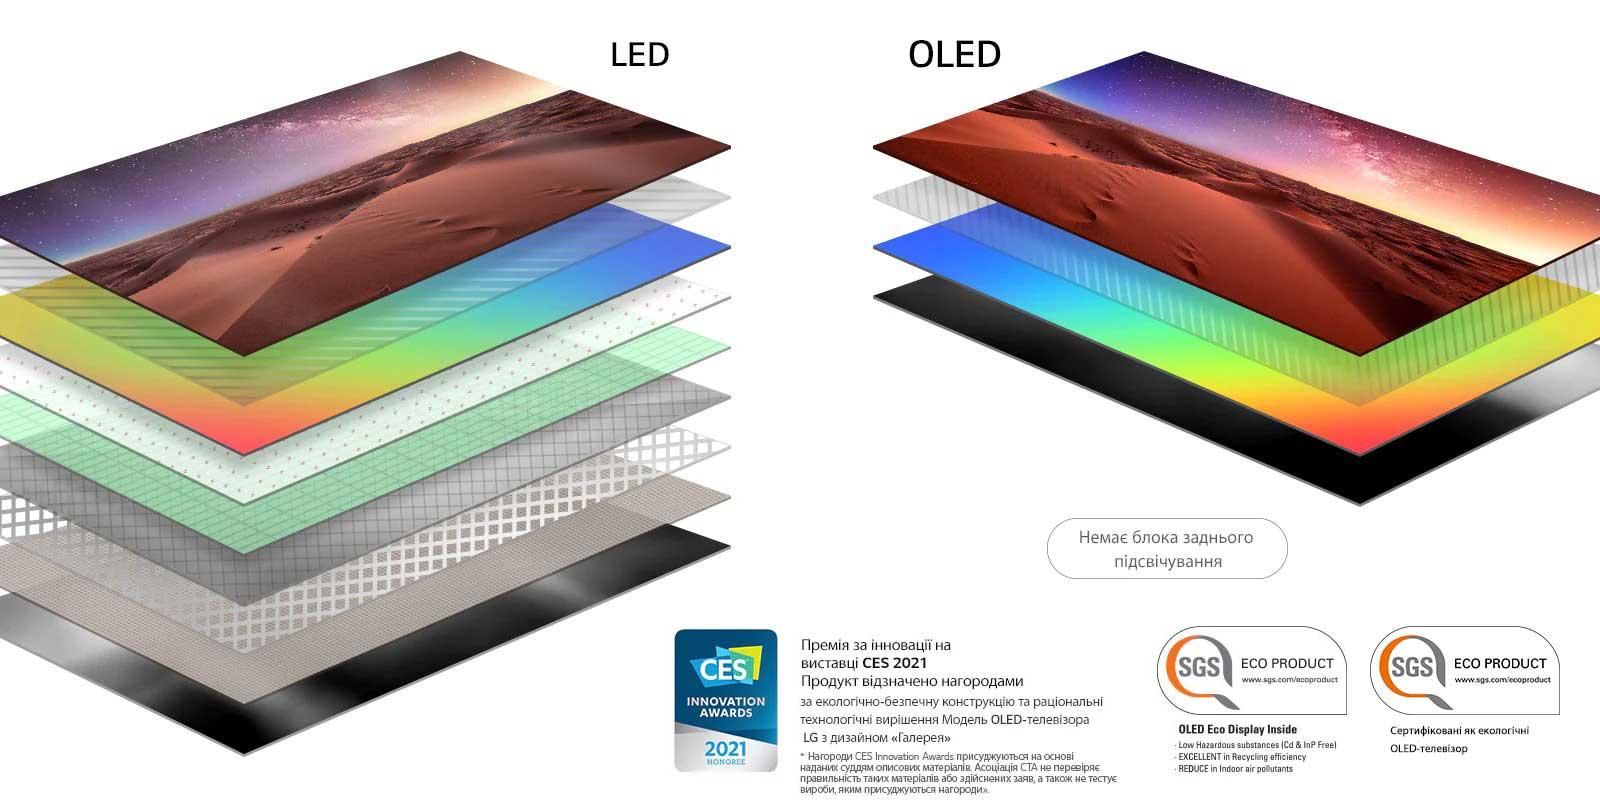 Порівняння складу шару дисплея LED-телевізора із заднім підсвічуванням та OLED-телевізора з автономним підсвічуванням (відтворення відео)